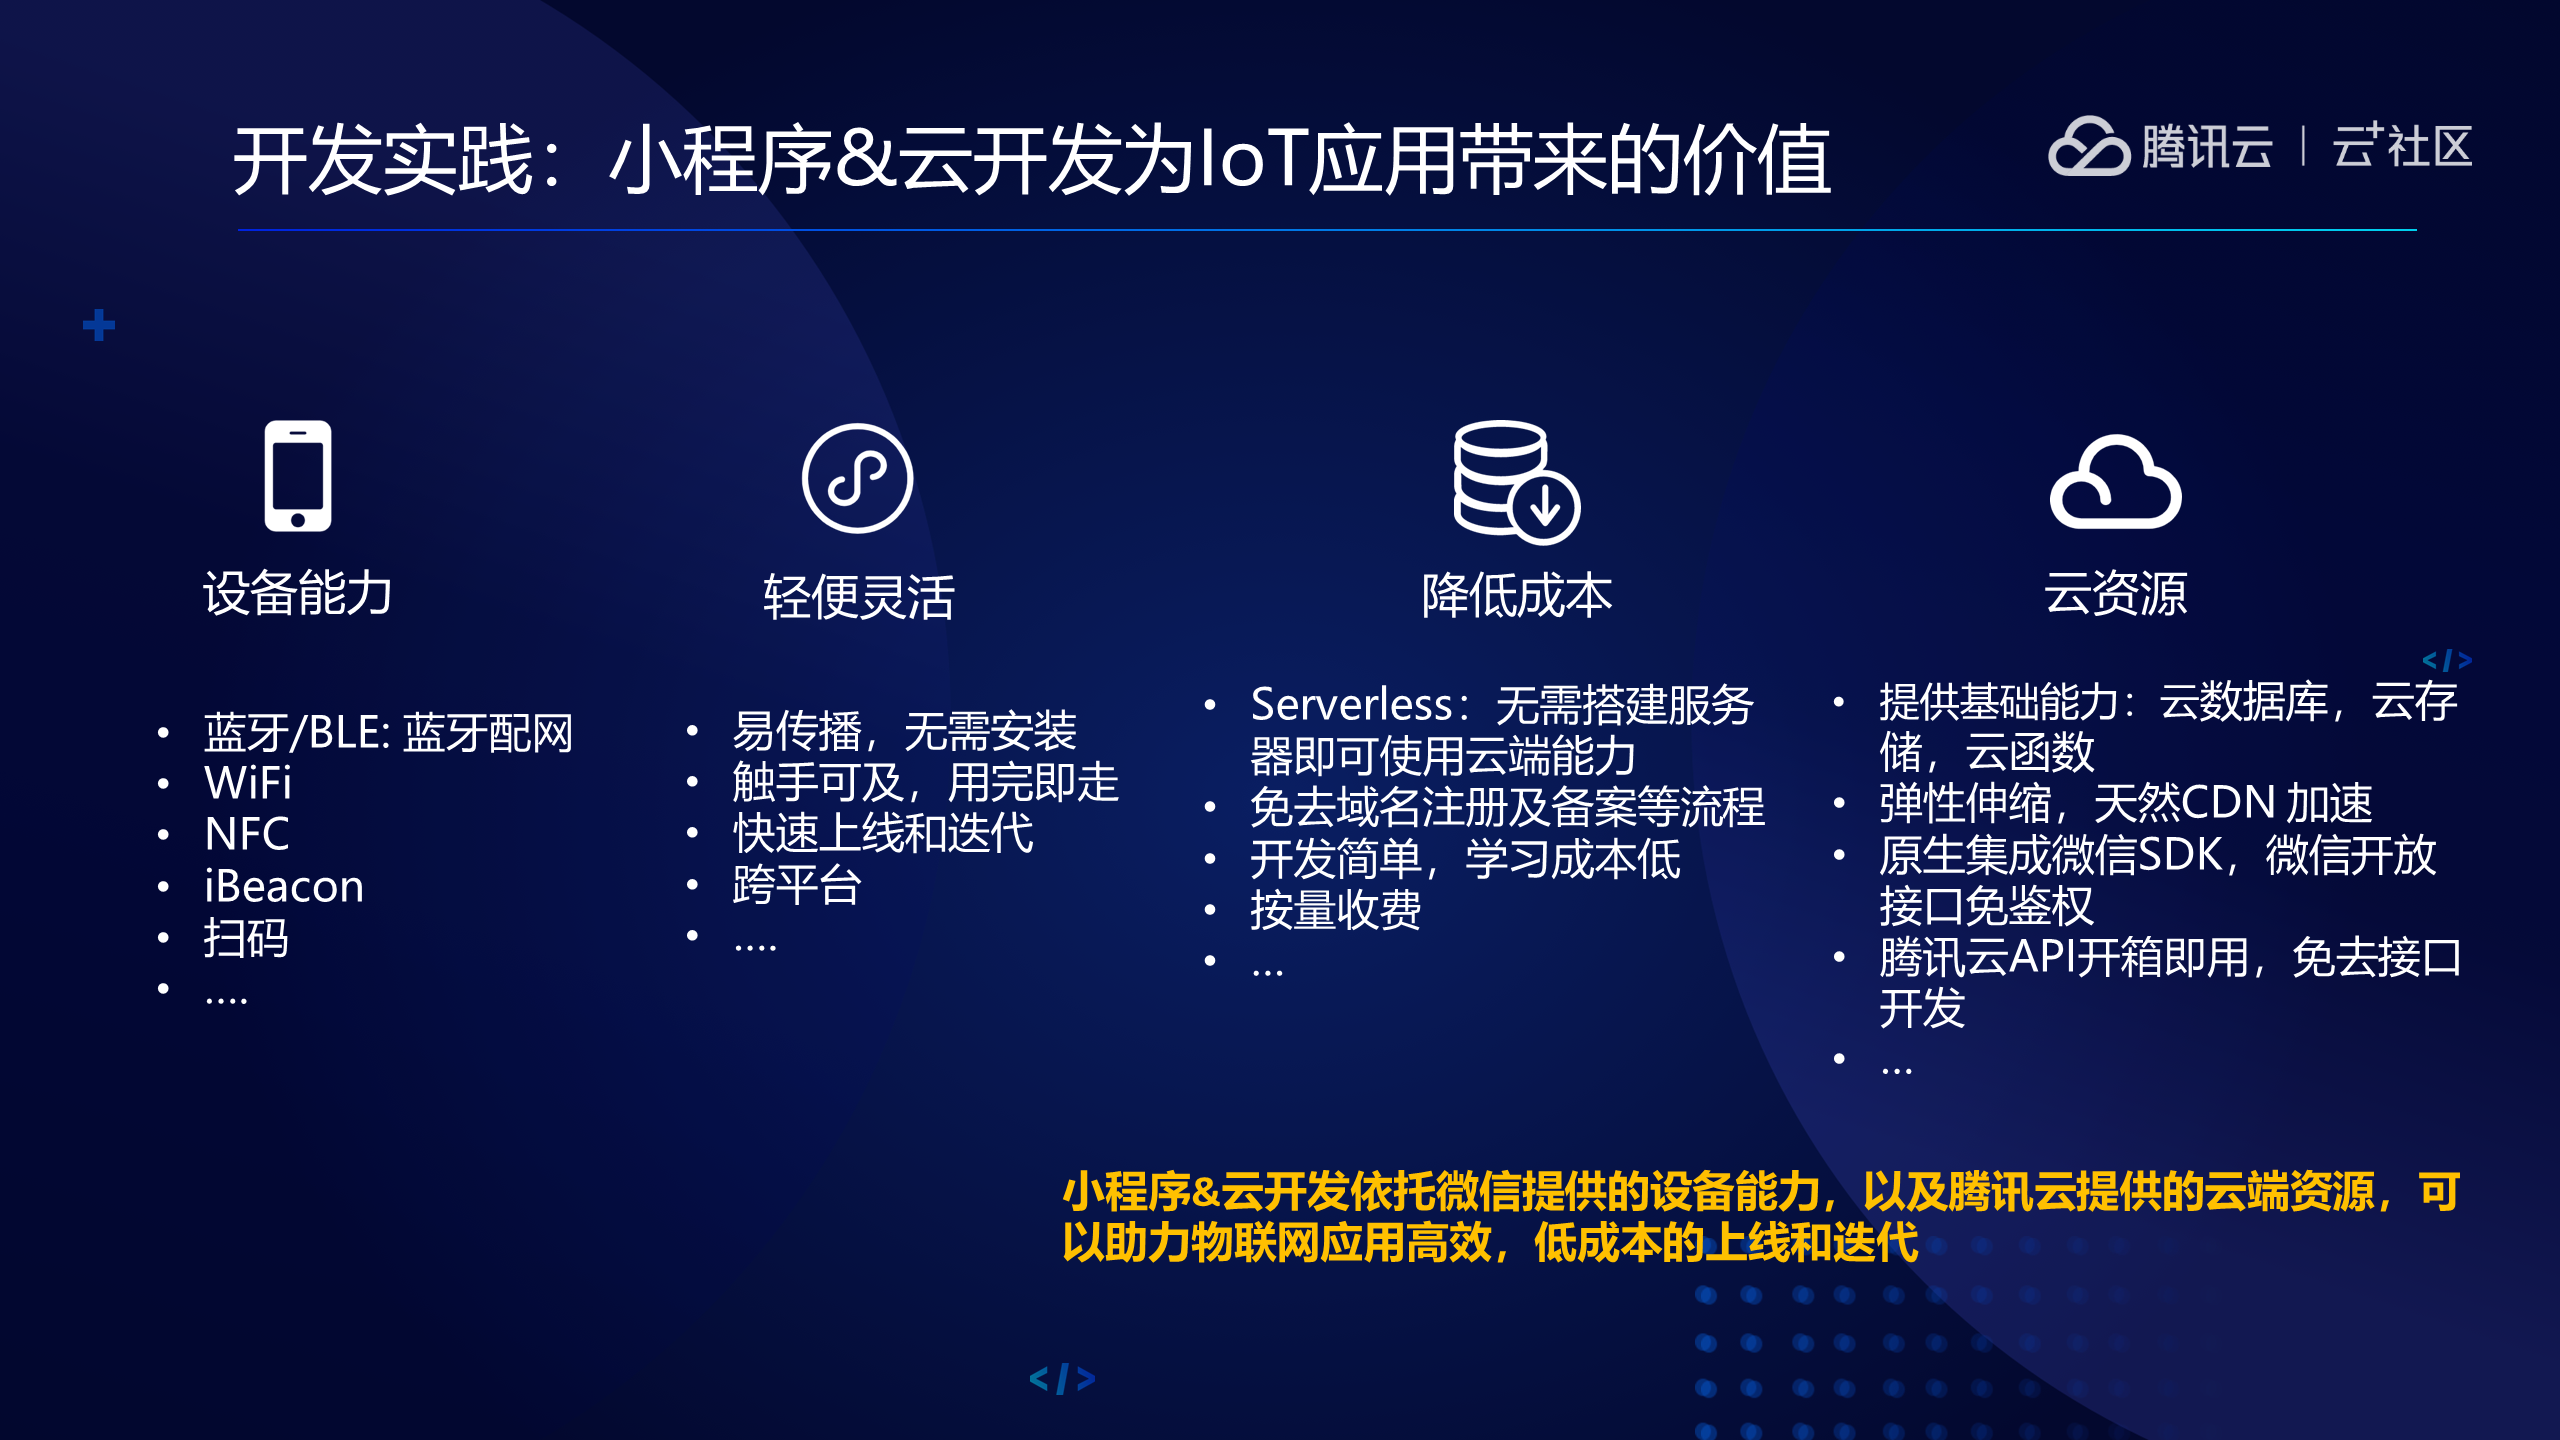 如何基于TencentOS tiny,快速打造属于自己的IoT小应用?